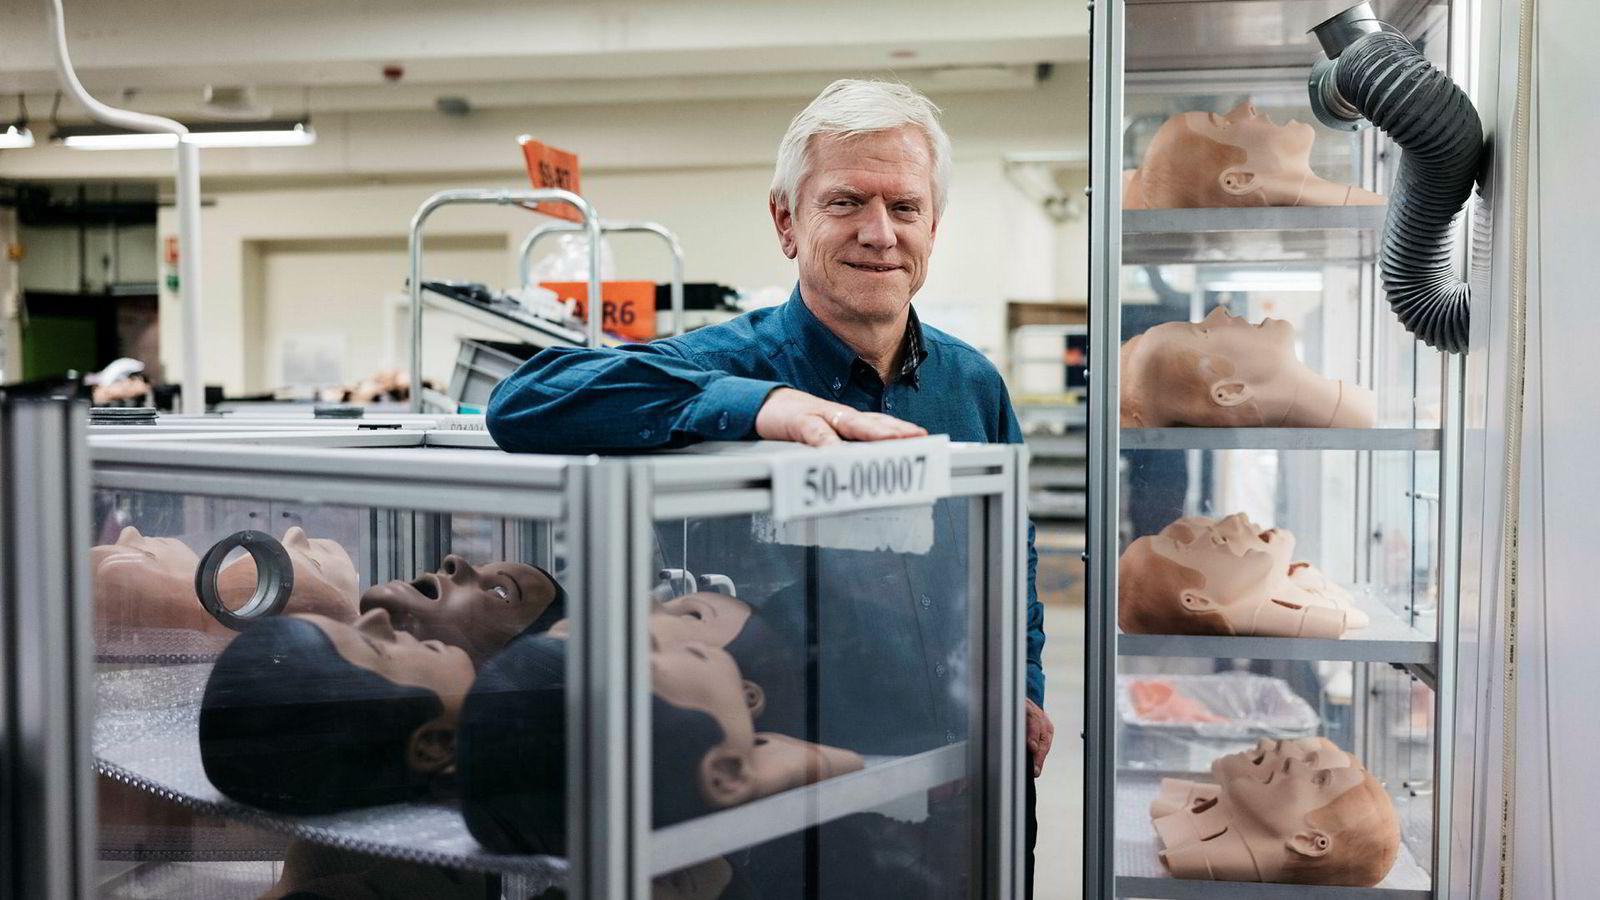 Administrerende direktør Tore Lærdal i Laerdal Medical i Stavanger før avreise til India denne uken. Bedriften er mest kjent for Anne-dukkene, men driver stort innen opplæring og gjenopplivning i helsesektoren.